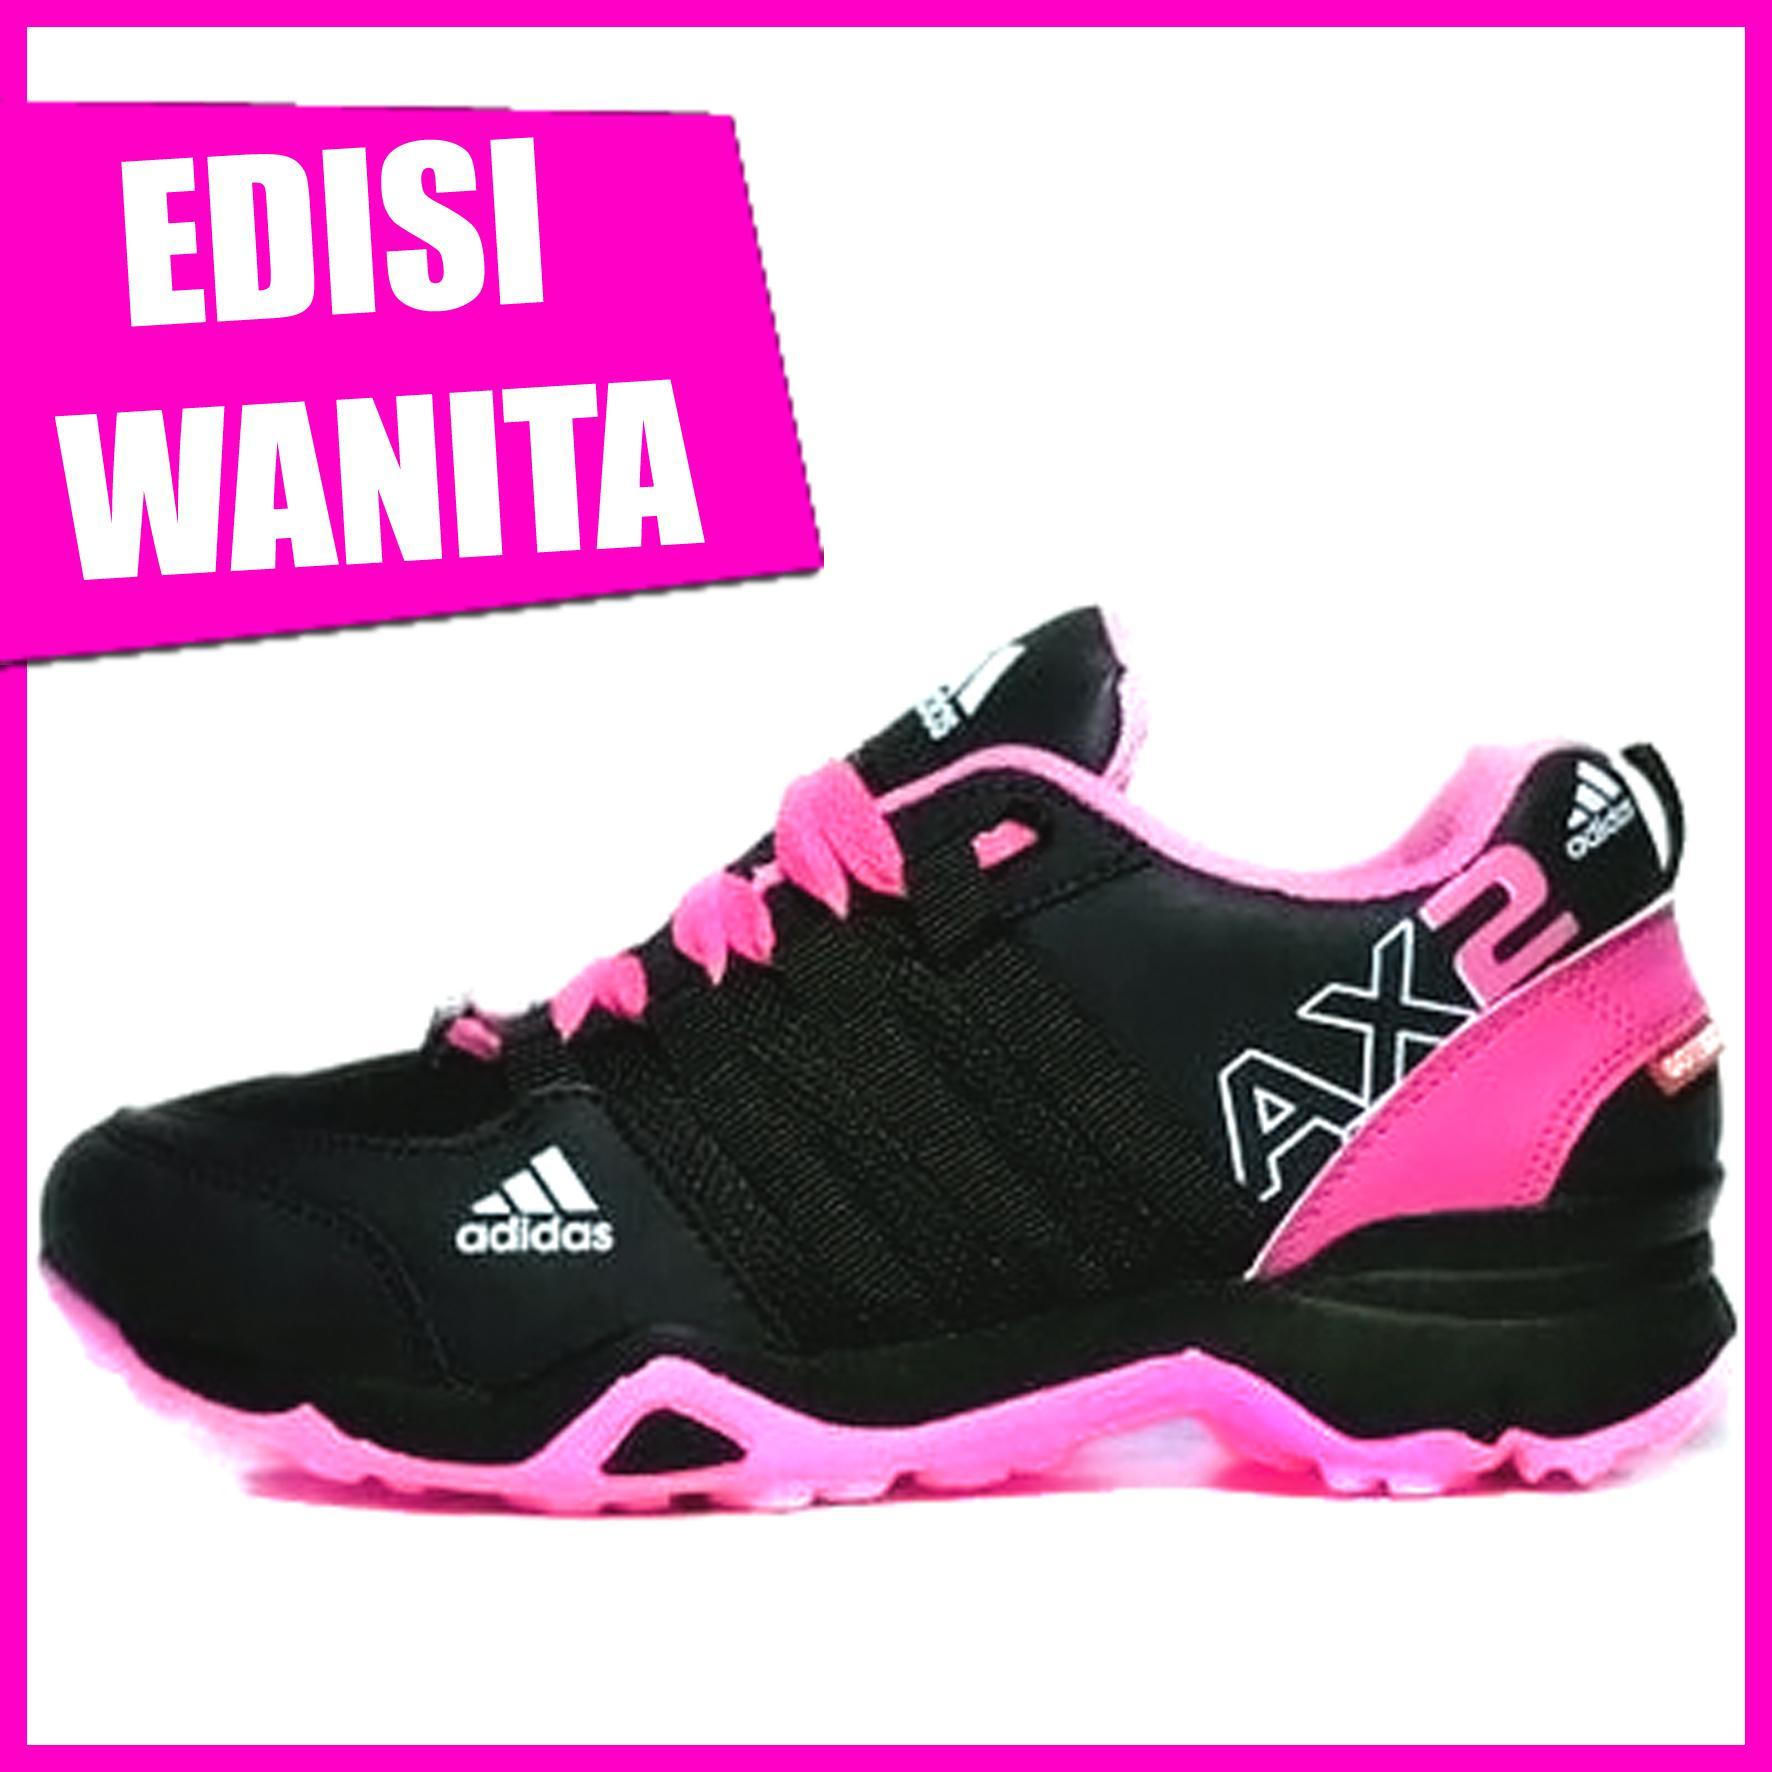 Kets Sneaker Wanita Mcn Sepatu Wanita Putih Pink Sepatu Santai Lucu ... 0a762c2035